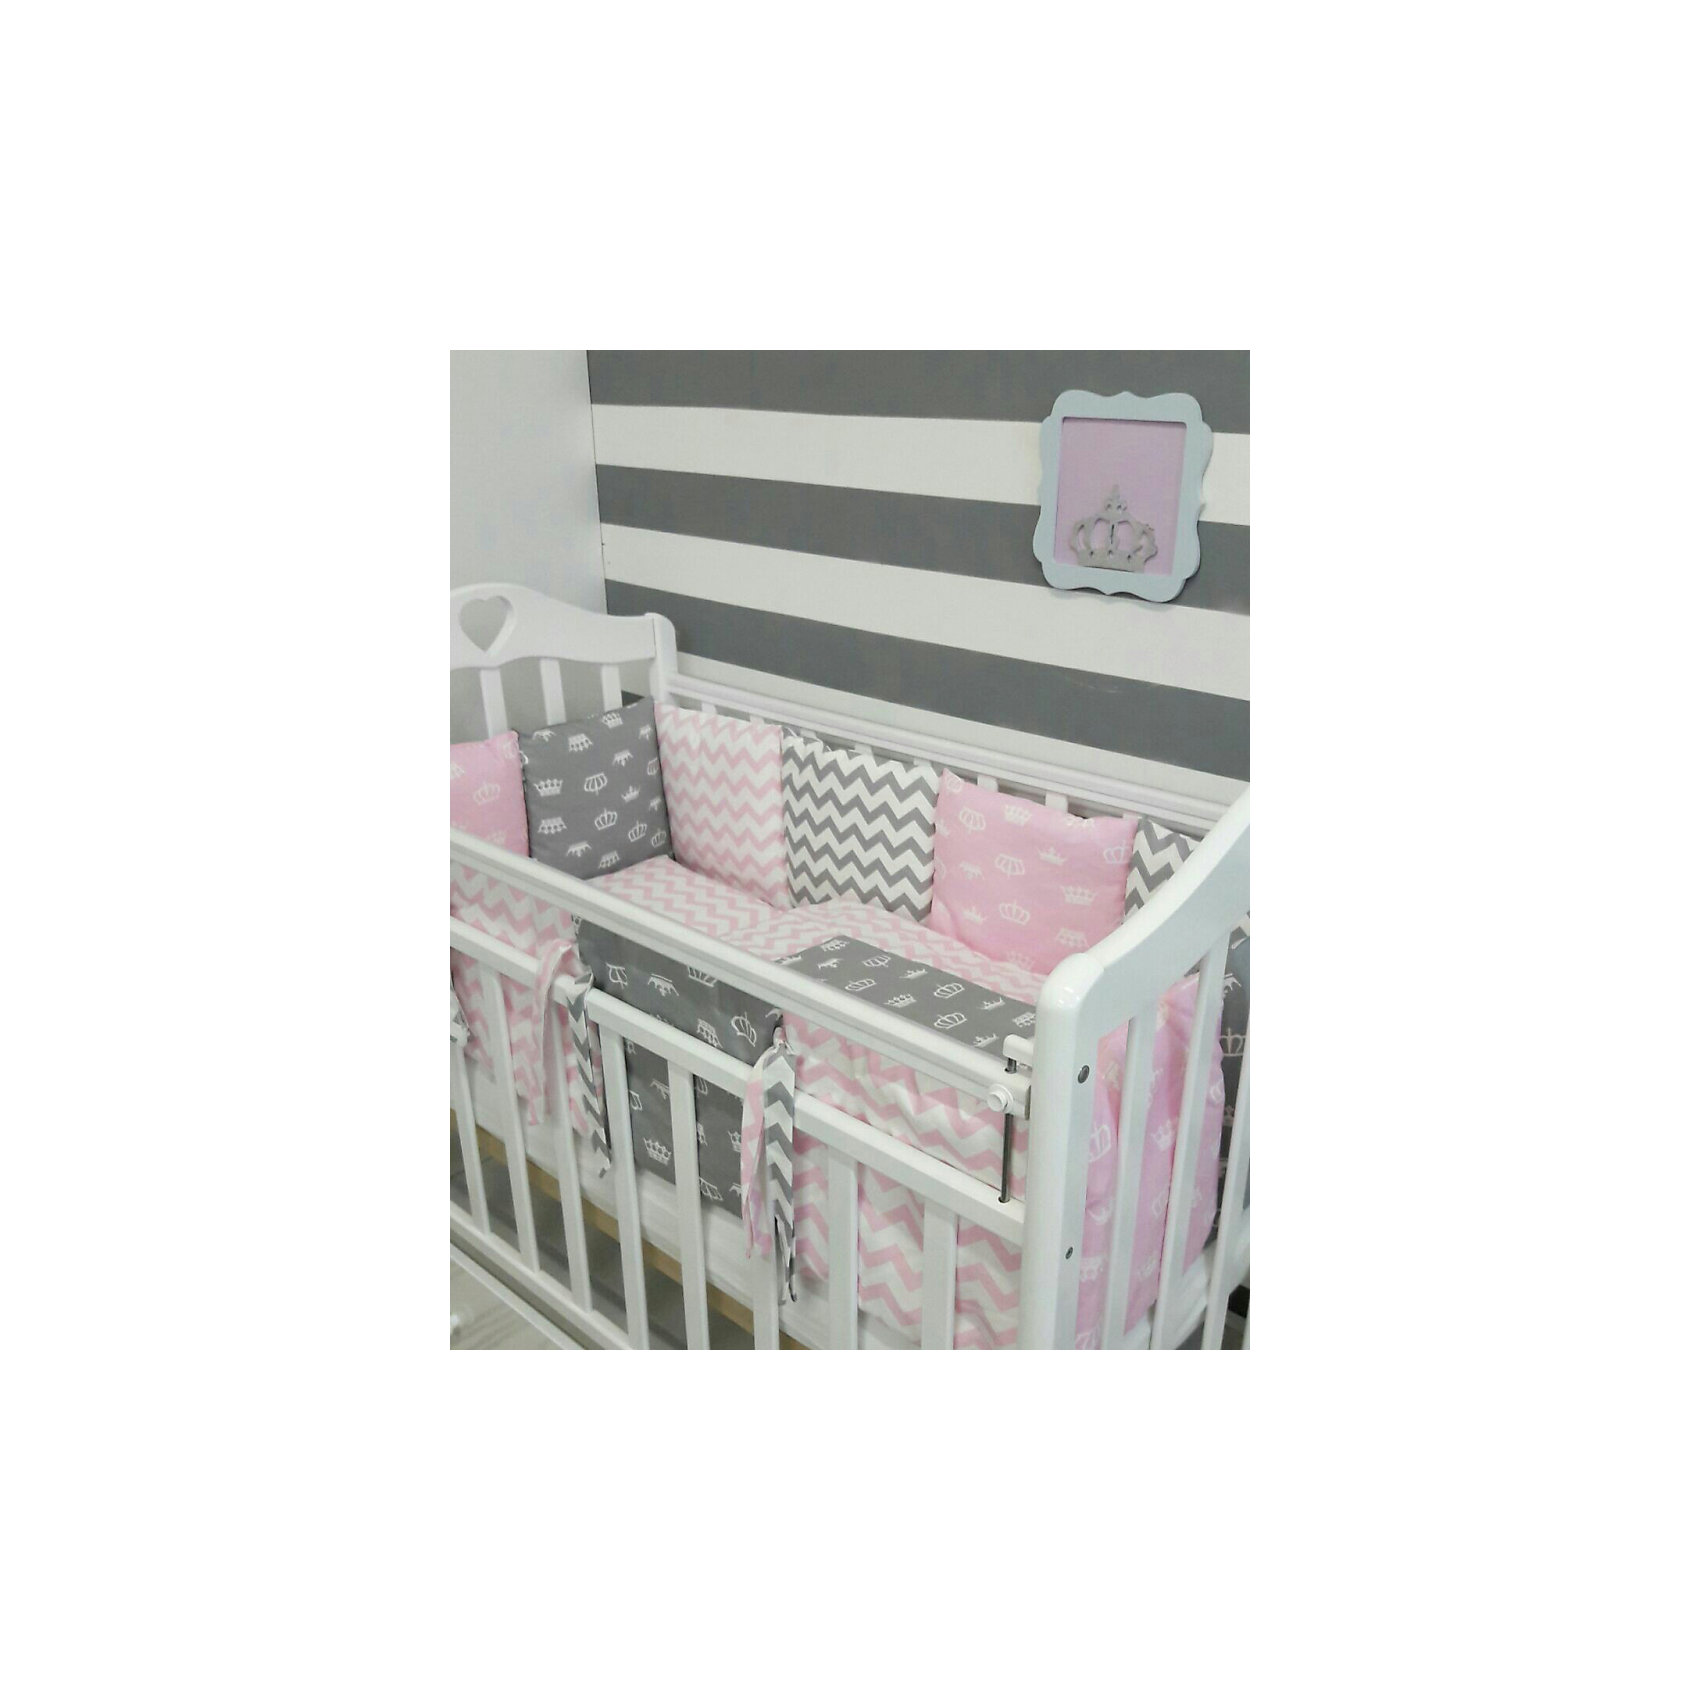 Постельное белье Короны 6 пред., by Twinz, розовыйПостельное бельё<br>Характеристики:<br><br>• Вид домашнего текстиля: постельное белье<br>• Тип постельного белья по размерам: детское<br>• Пол: для девочки<br>• Материал: сатин, 100% <br>• Наполнитель одеяла и подушки: холофайбер, 100% (лебяжий пух)<br>• Цвет: белый, розовый, серый<br>• Тематика рисунка: короны, геометрия<br>• Комплектация: <br> бортики-подушки 59*44 см – 6 шт.<br> наволочки на бортики 60*45 см – 6 шт.<br> пододеяльник 105*145 см – 1 шт. <br> одеяло 100*140 см – 1 шт. <br> простынь на резинке 125*65 см – 1 шт. <br> подушка 35*45 см – 1 шт. <br> наволочка 36*46 см – 1 шт. <br>• Сособ крепления бортиков ук кроватке: завязки<br>• Съемные наволочки у бортиков на молнии <br>• Вес в упаковке: 3 кг<br>• Размеры упаковки (Д*Ш*В): 58*18*58 см<br>• Особенности ухода: машинная стирка при температуре 30 градусов без использования отбеливающих веществ<br><br>Постельное белье Короны 6 пред., by Twinz, розовый изготовлено под отечественным торговым брендом, выпускающим текстиль и мебель из натуральных материалов для новорожденных и детей. Комплект состоит из шести предметов: одеяла, подушки, пододеяльника, простыни, наволочки и комплекта бортиков. <br><br>Размер изделий подходит для деткских кроваток классических моделей размером 100*60 см и 125*65 см. Комплект выполнен из сатина, который обладает мягкостью, гигроскопичностью, гипоаллергенностью, прочностью полотна и яркостью расцветок. Тщательно выполненные внутренние швы на изделиях обеспечивают постельному белью длительный срок службы и защиту от деформации даже при частых стирках. Для одеяла, подушки и бортиков использован экологически безопасный и не вызывающий аллергии искусственное волокно – холлофайбер. <br><br>Комплект бортиков состоит из 6-ти подушек с наволочками на молниях. Подушки фиксируются к кроватке с помощью завязок. Простынь за счет резинок хорошо фиксируется на матрасике, что препятствует ее сползанию и сбиванию даже во время беспокойного сна. П